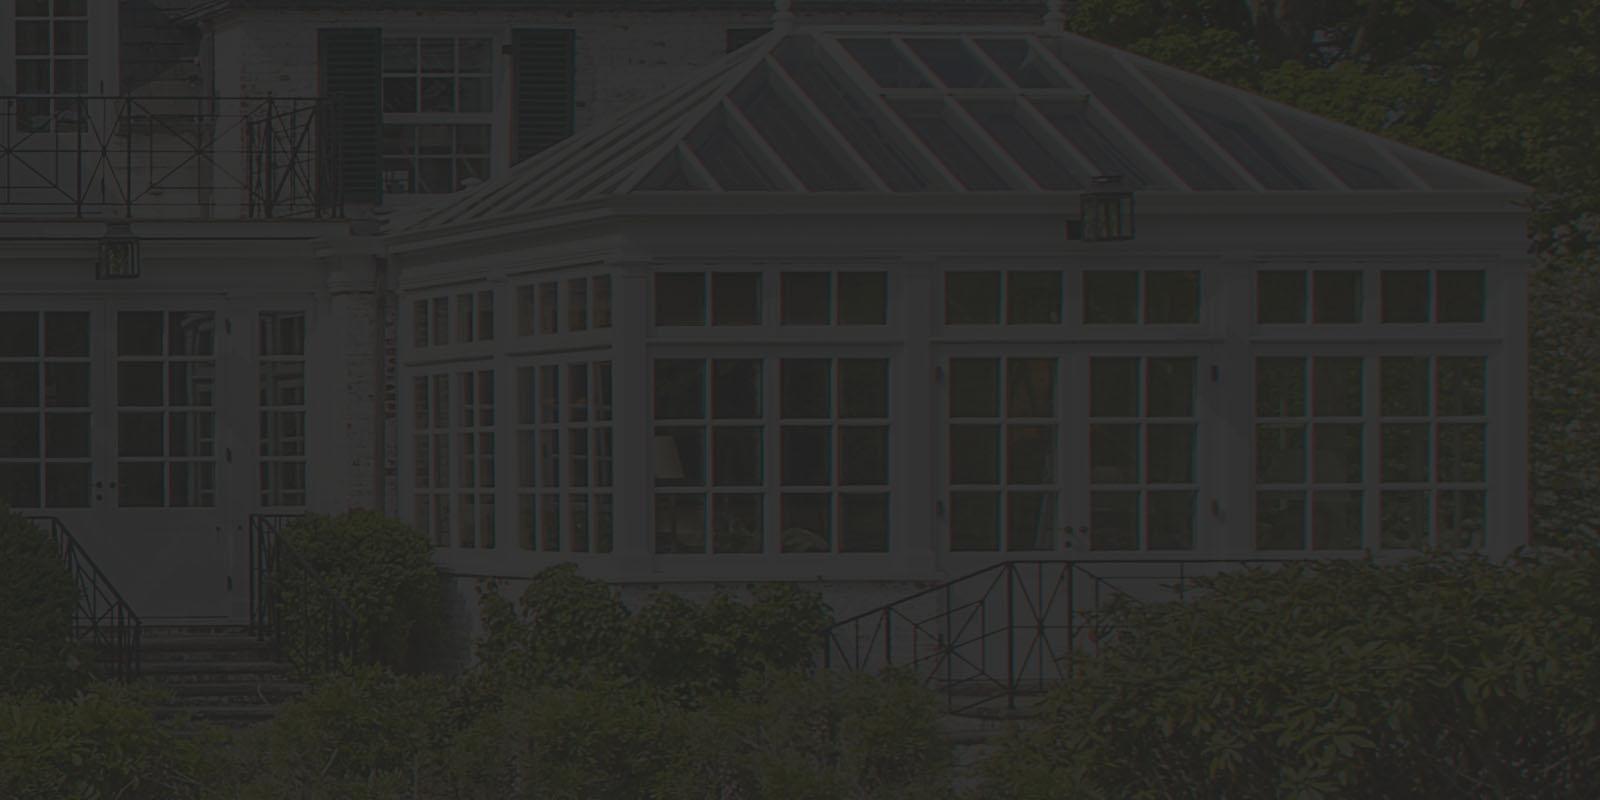 Greenhouse solarium on estate